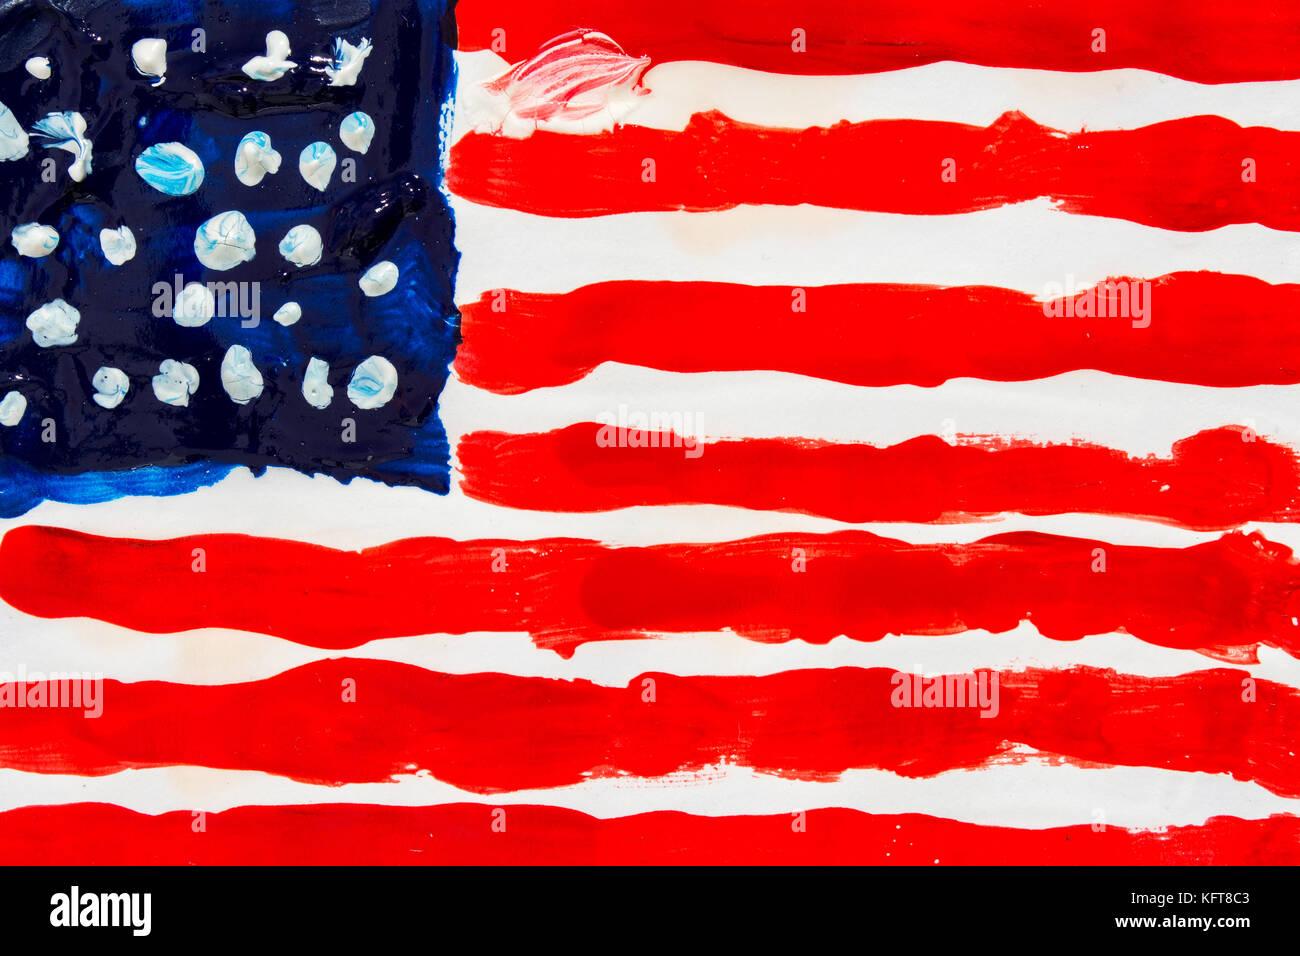 Nett Amerikanische Flagge Färbung Seite Galerie - Malvorlagen Von ...